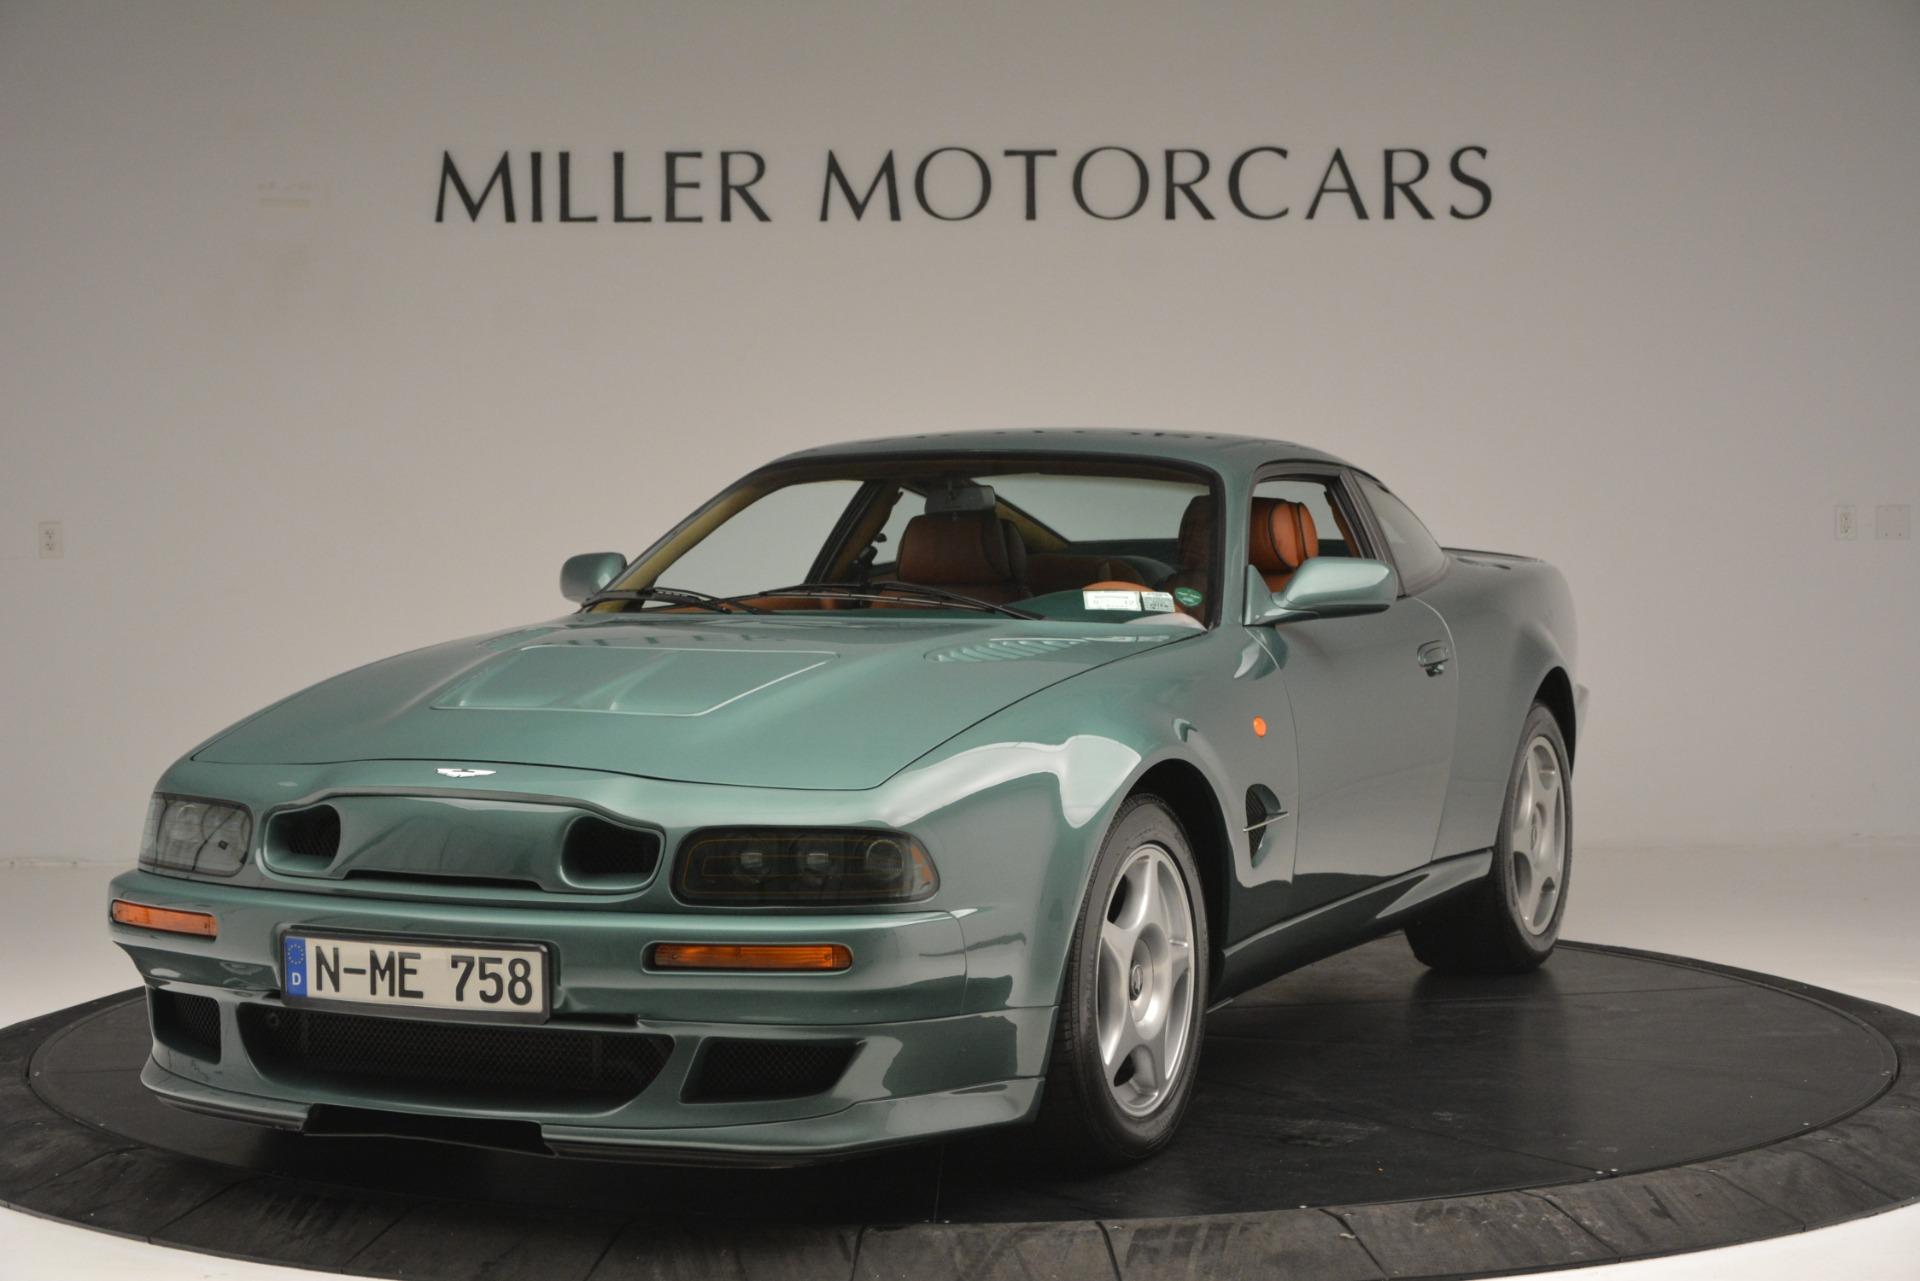 Pre Owned 1999 Aston Martin V8 Vantage Lemans V600 For Sale Miller Motorcars Stock 7449c